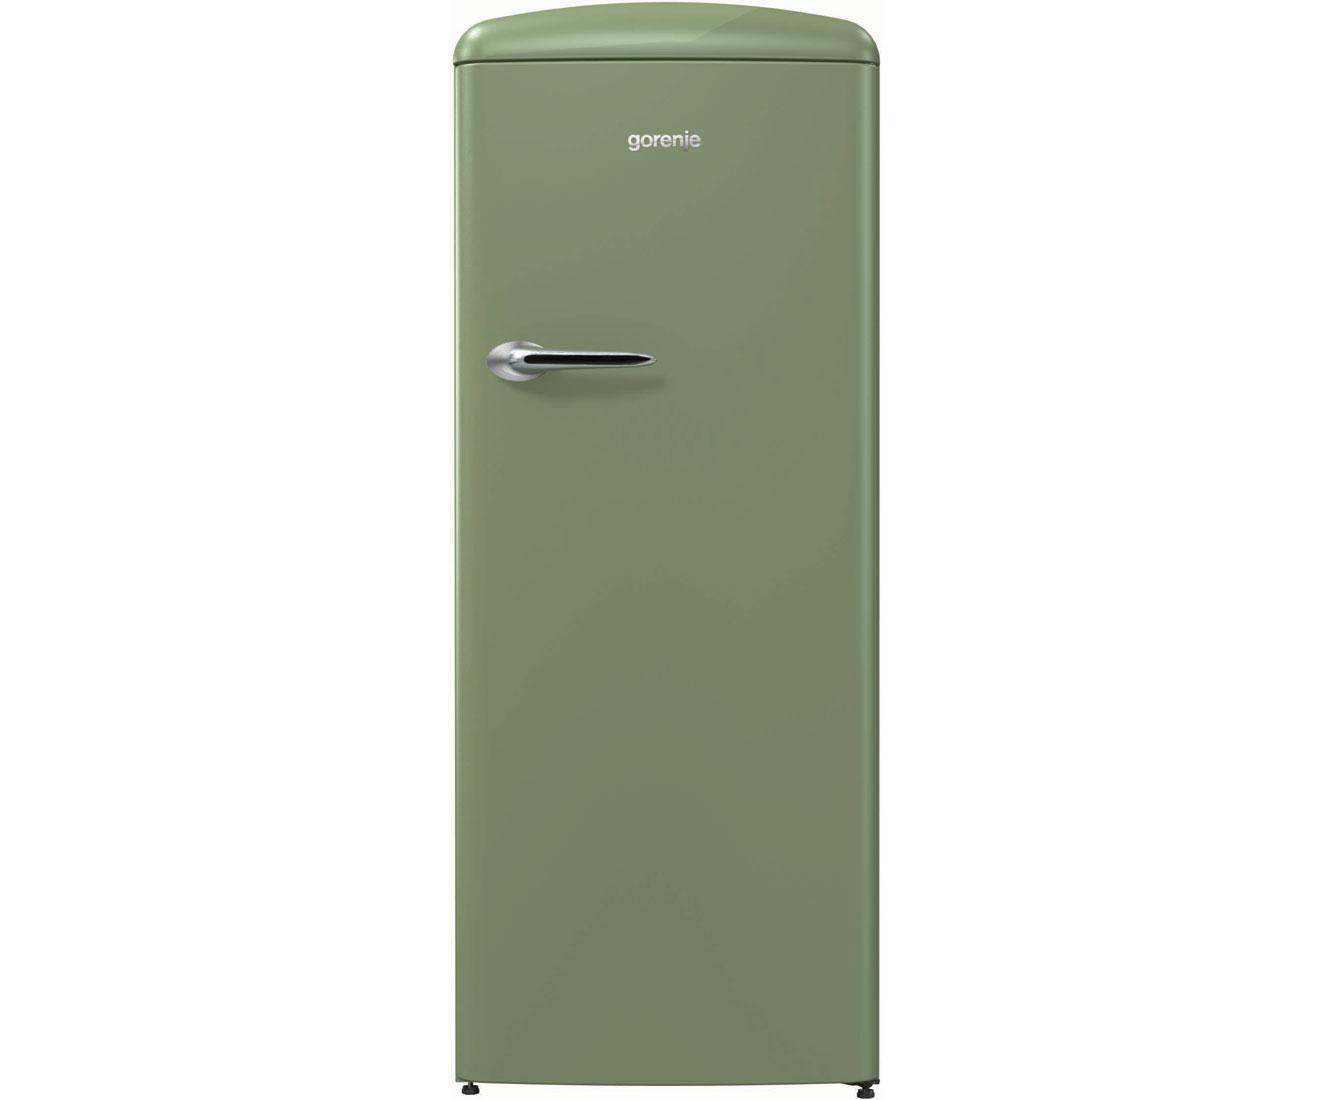 Gorenje Kühlschrank Wasser Läuft Aus : Gorenje kühlschrank wasser läuft nicht ab feuchte oder vereiste